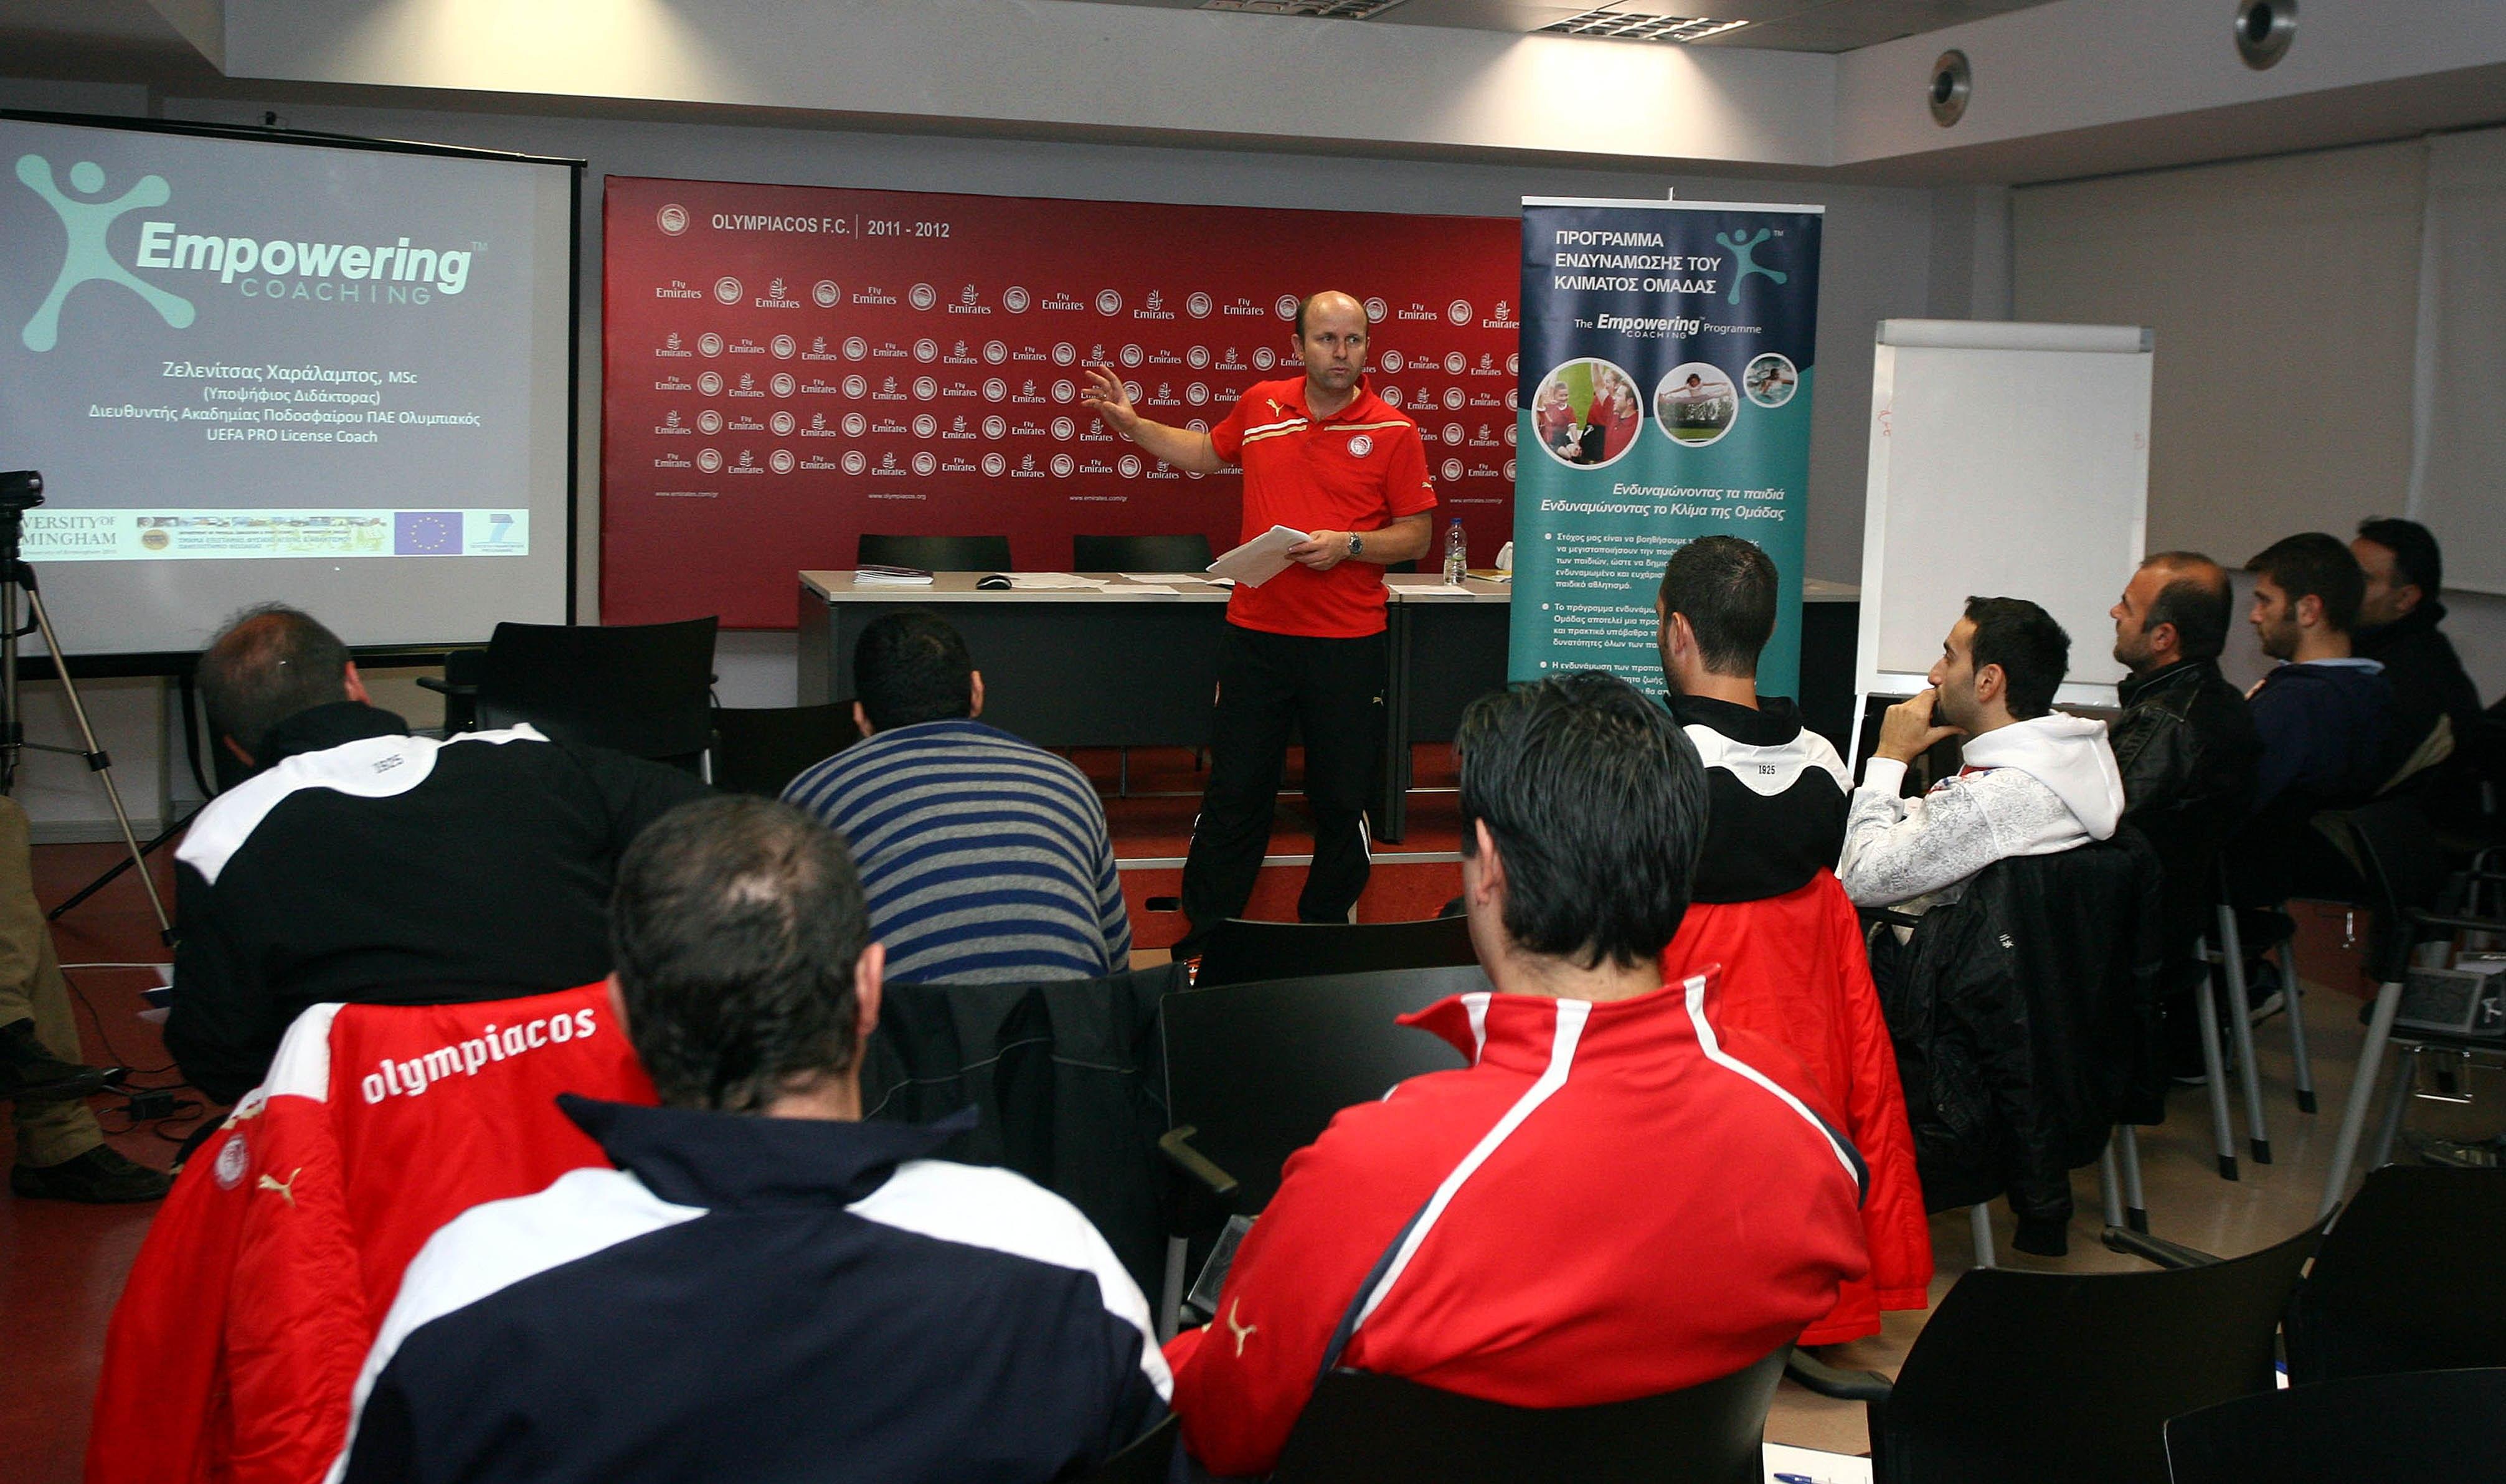 2o seminario formativo organizado por la Dirección de la Academia de Fútbol